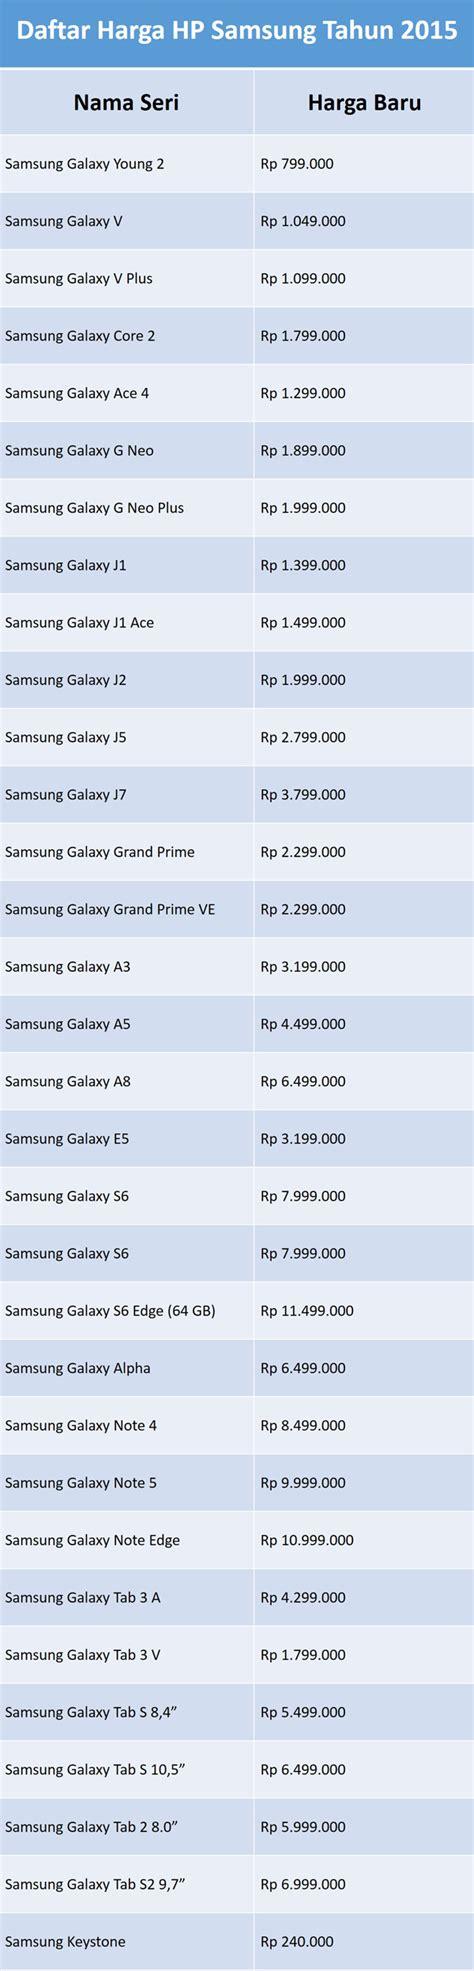 Daftar Microwave Di Indonesia daftar harga hp nokia di malaysia daftar harga terbaru